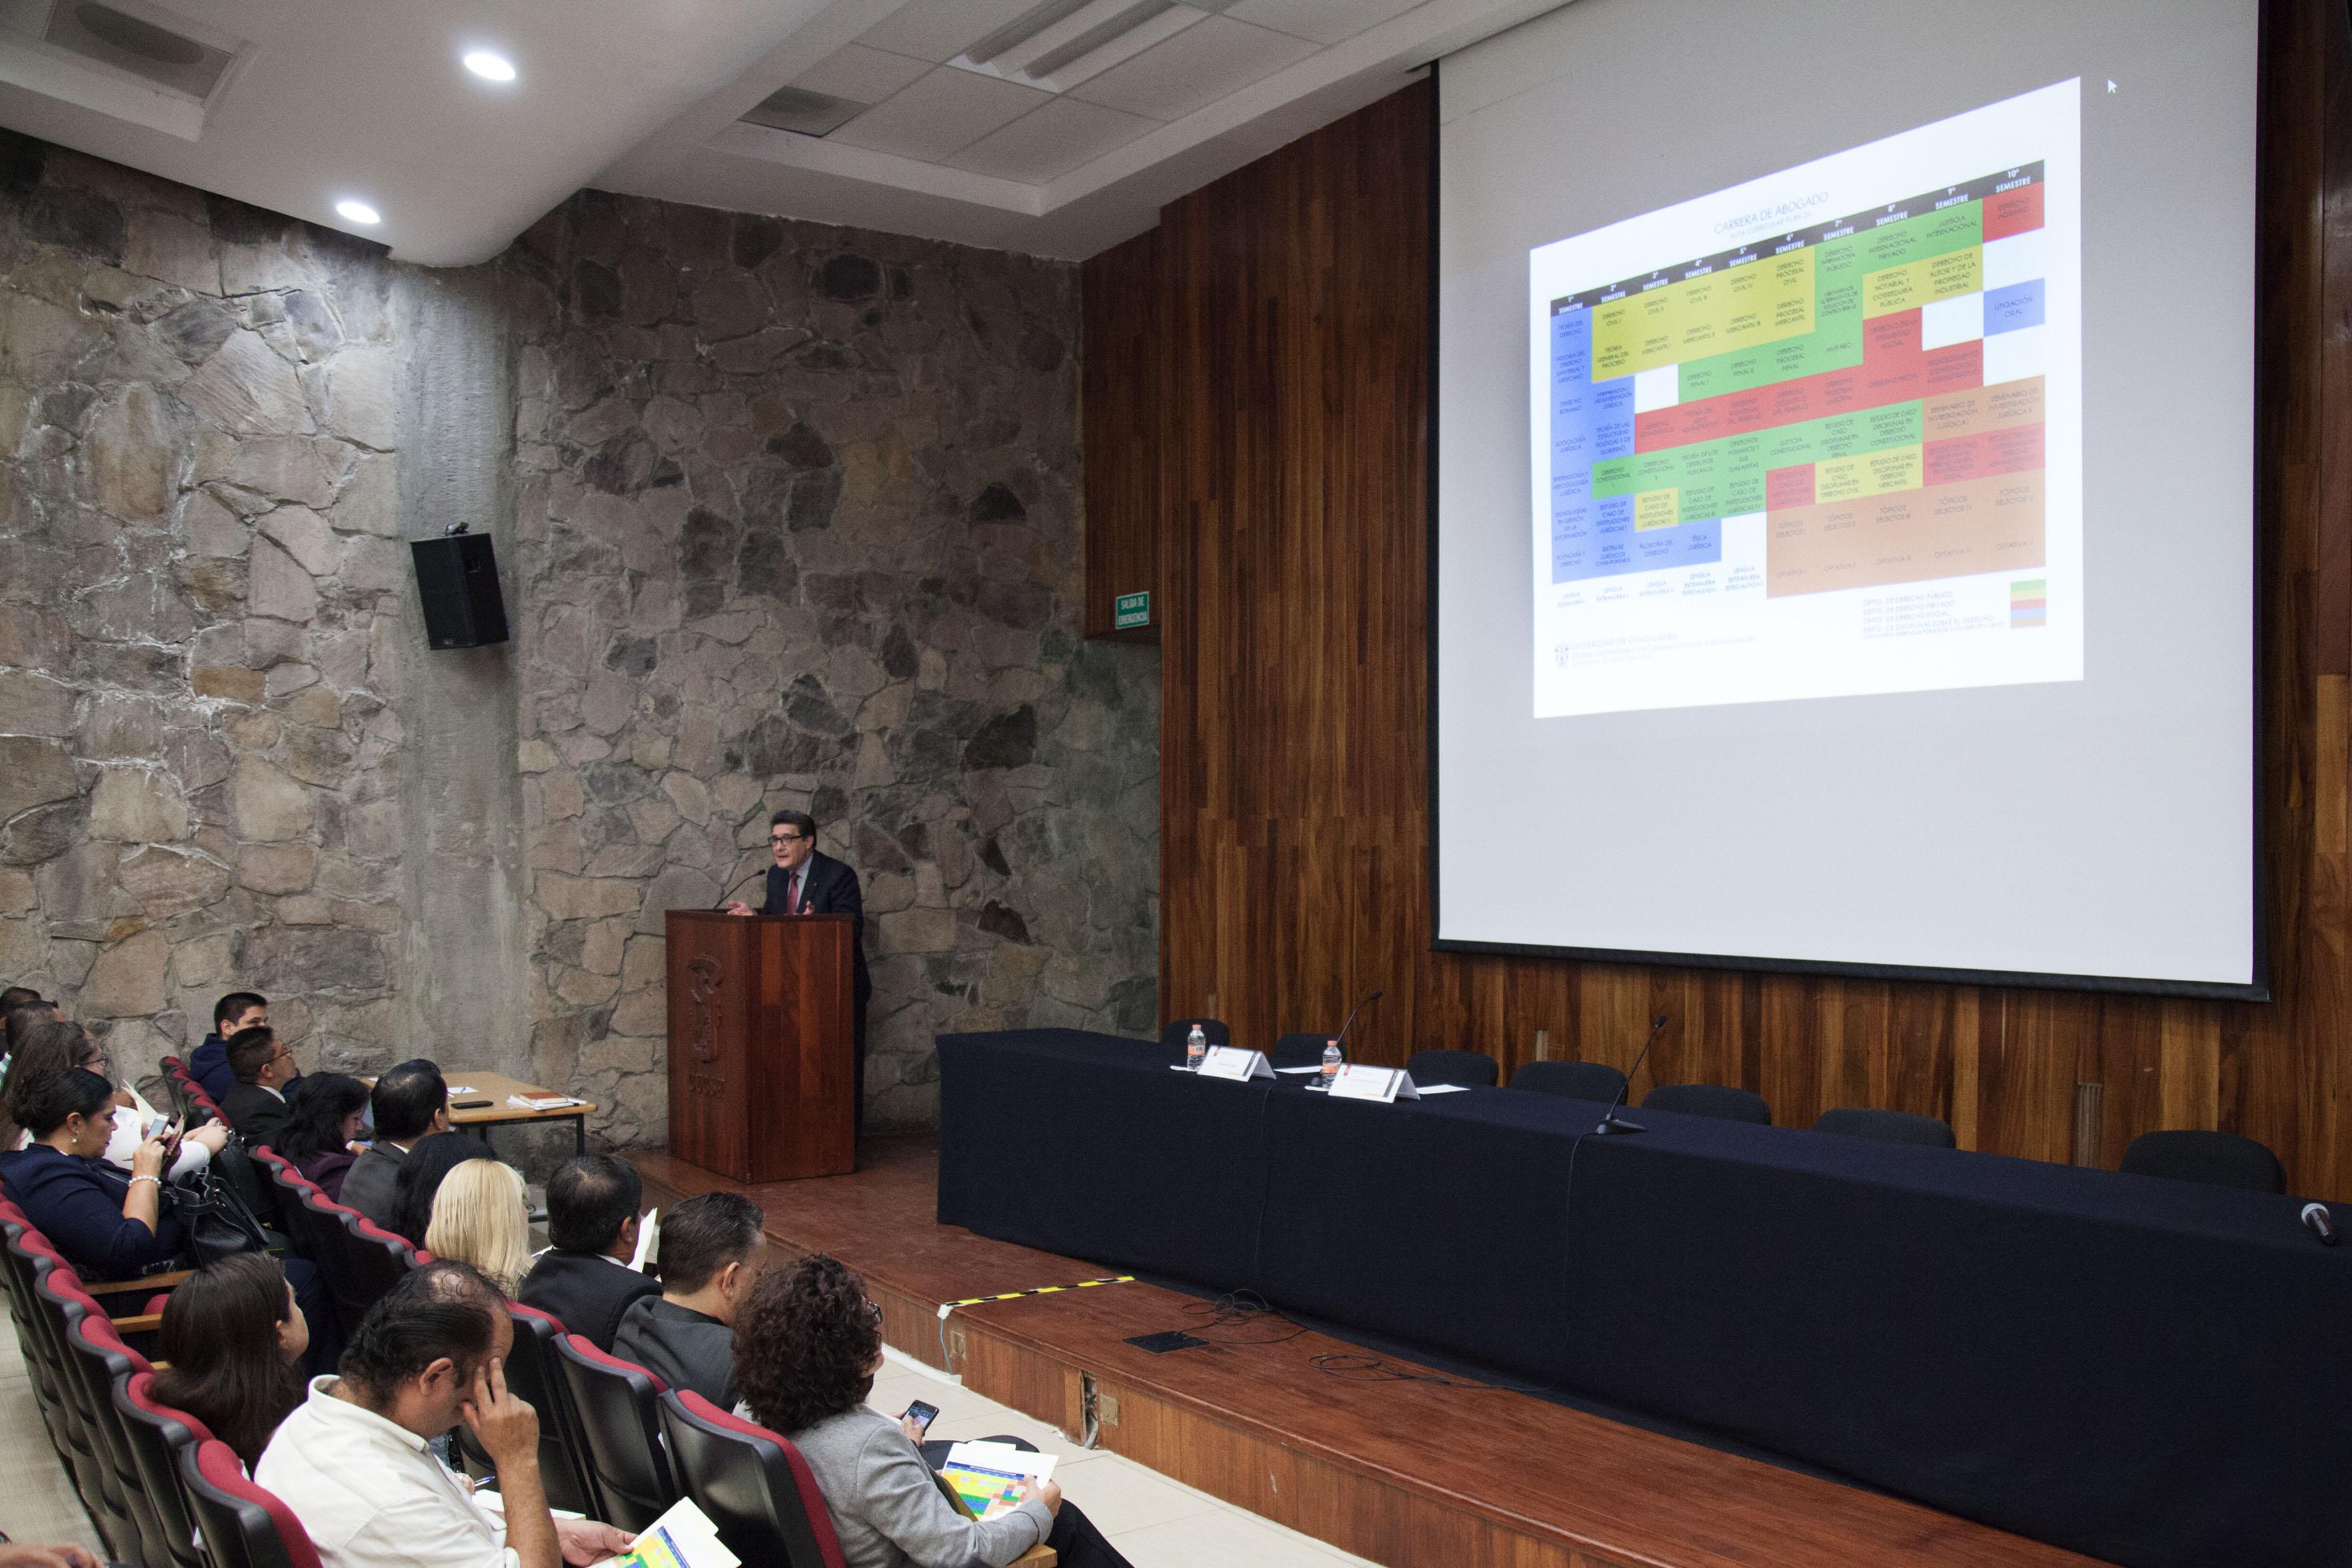 Doctor Carlos Ramiro Ruiz Moreno, jefe de Departamento de Disciplinas Afines al Derecho, del Centro Universitario de Ciencias Sociales y Humanidades (CUCSH), presentando la malla curricular.